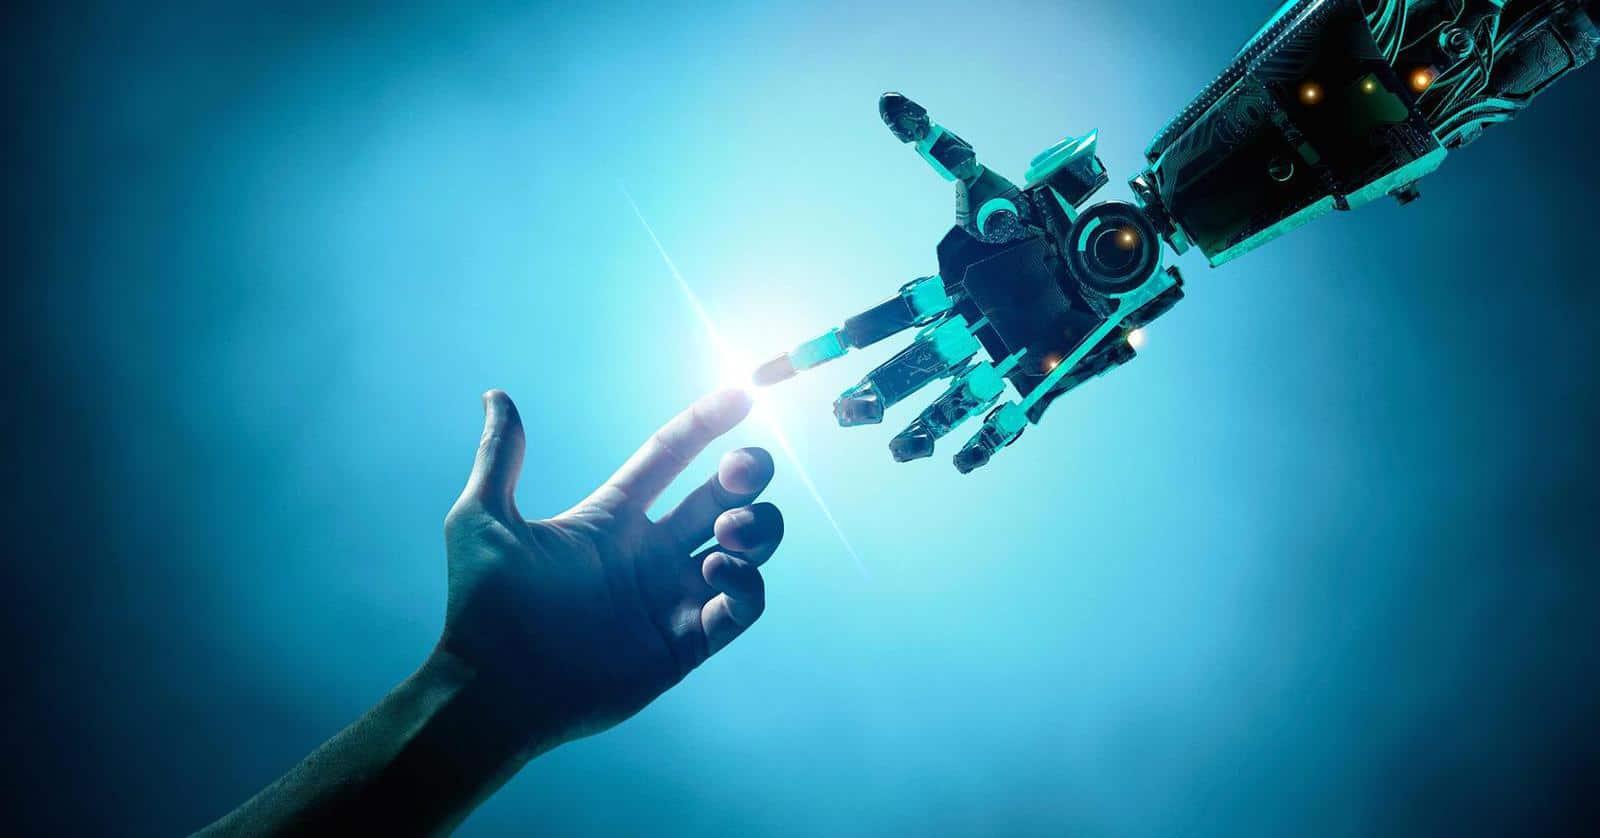 ผลกระทบที่ AI มีต่อเศรษฐกิจโลก